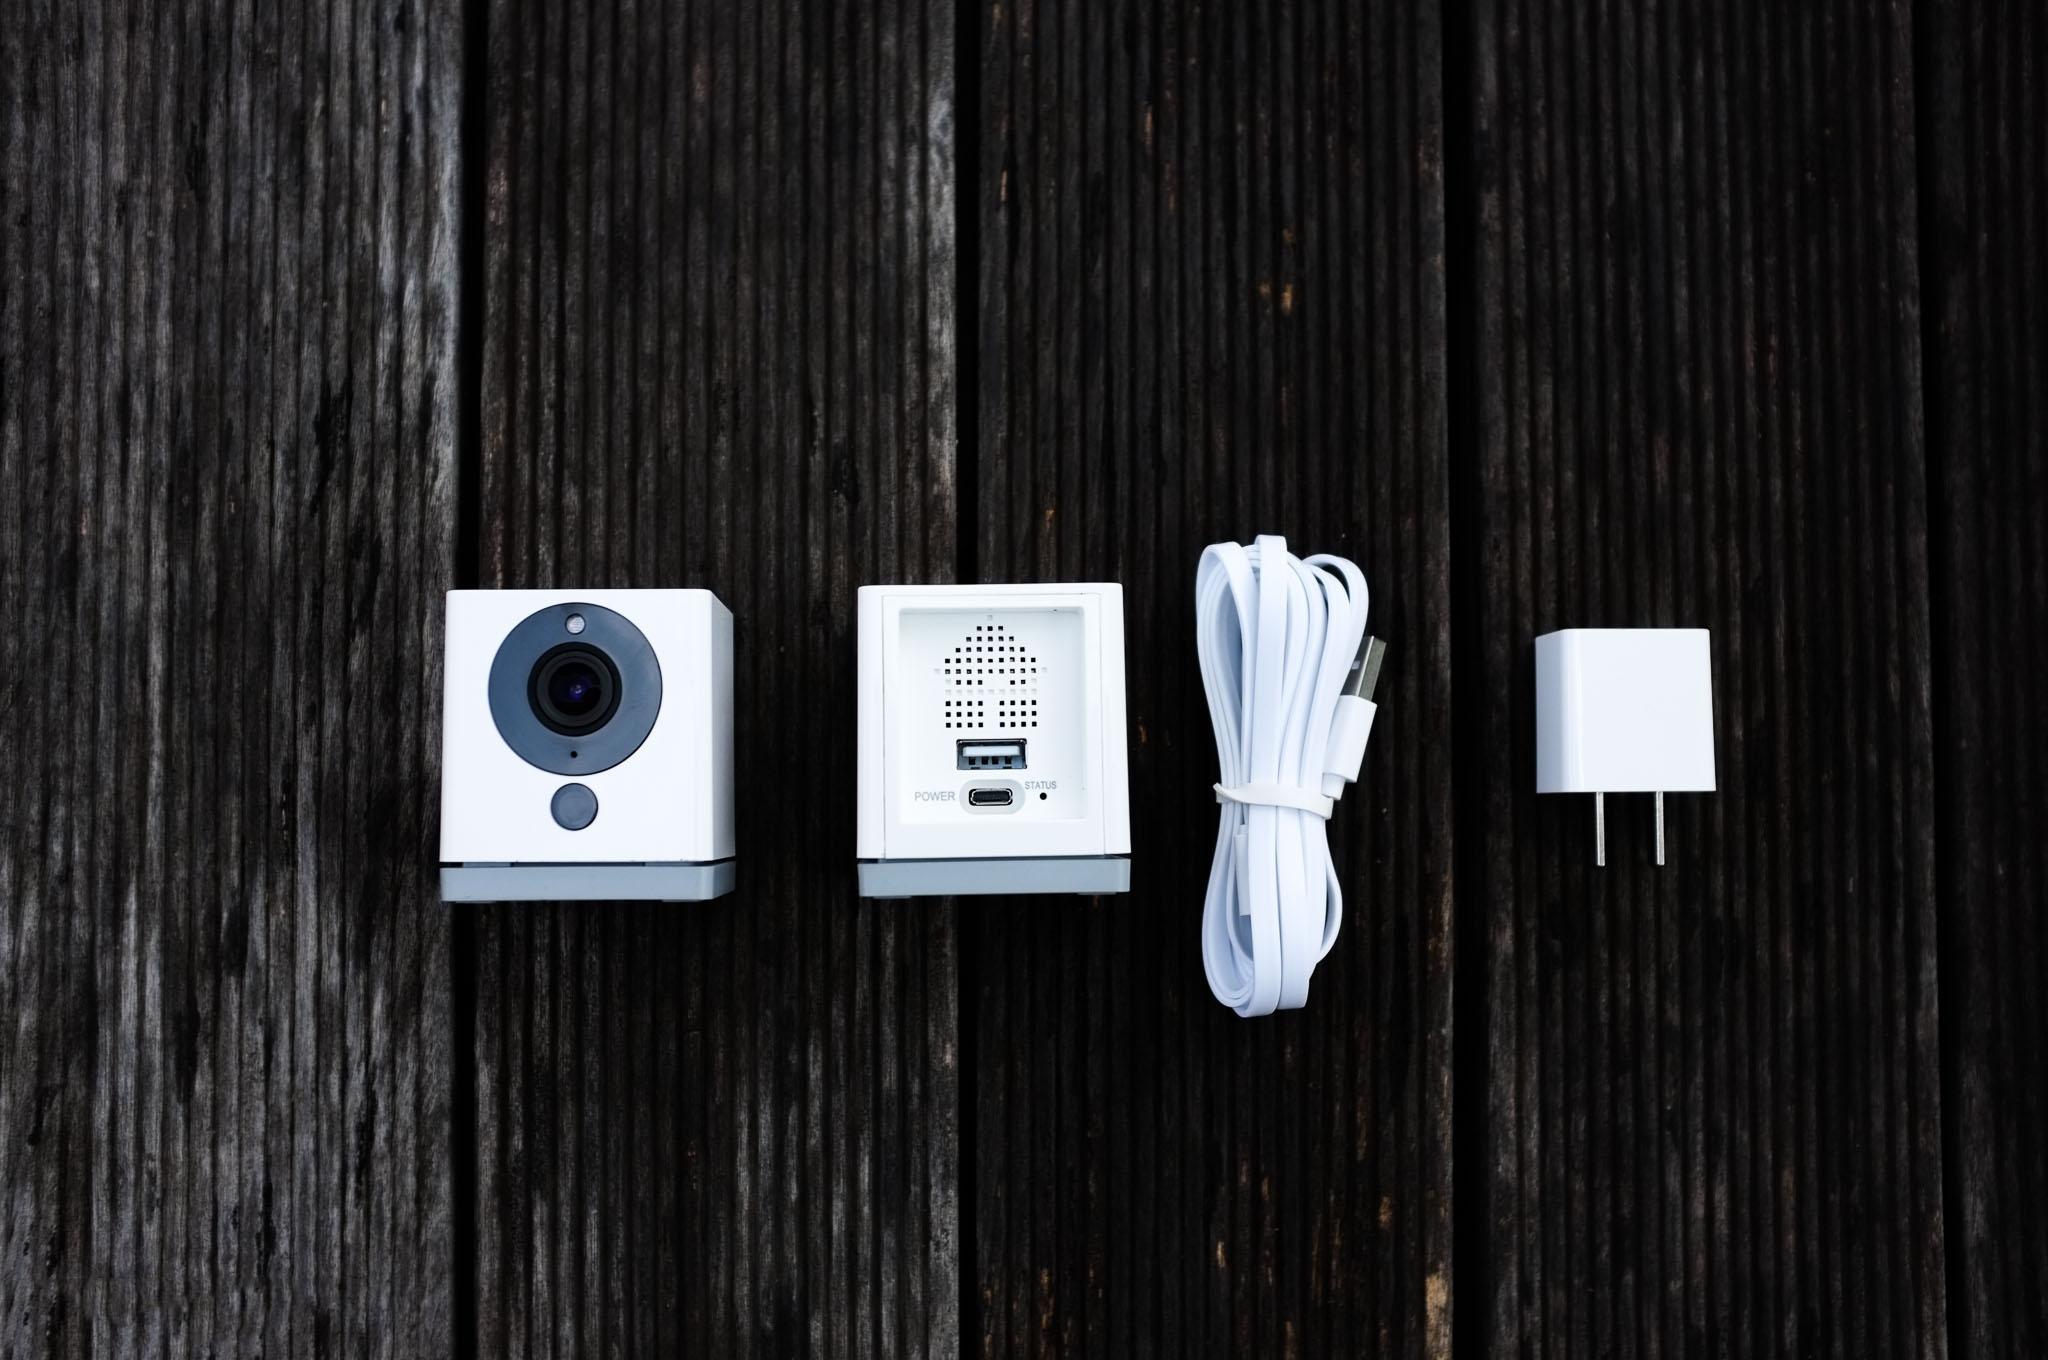 4005618_Tinhte-xiaomi-mini-square-camera-11.jpg